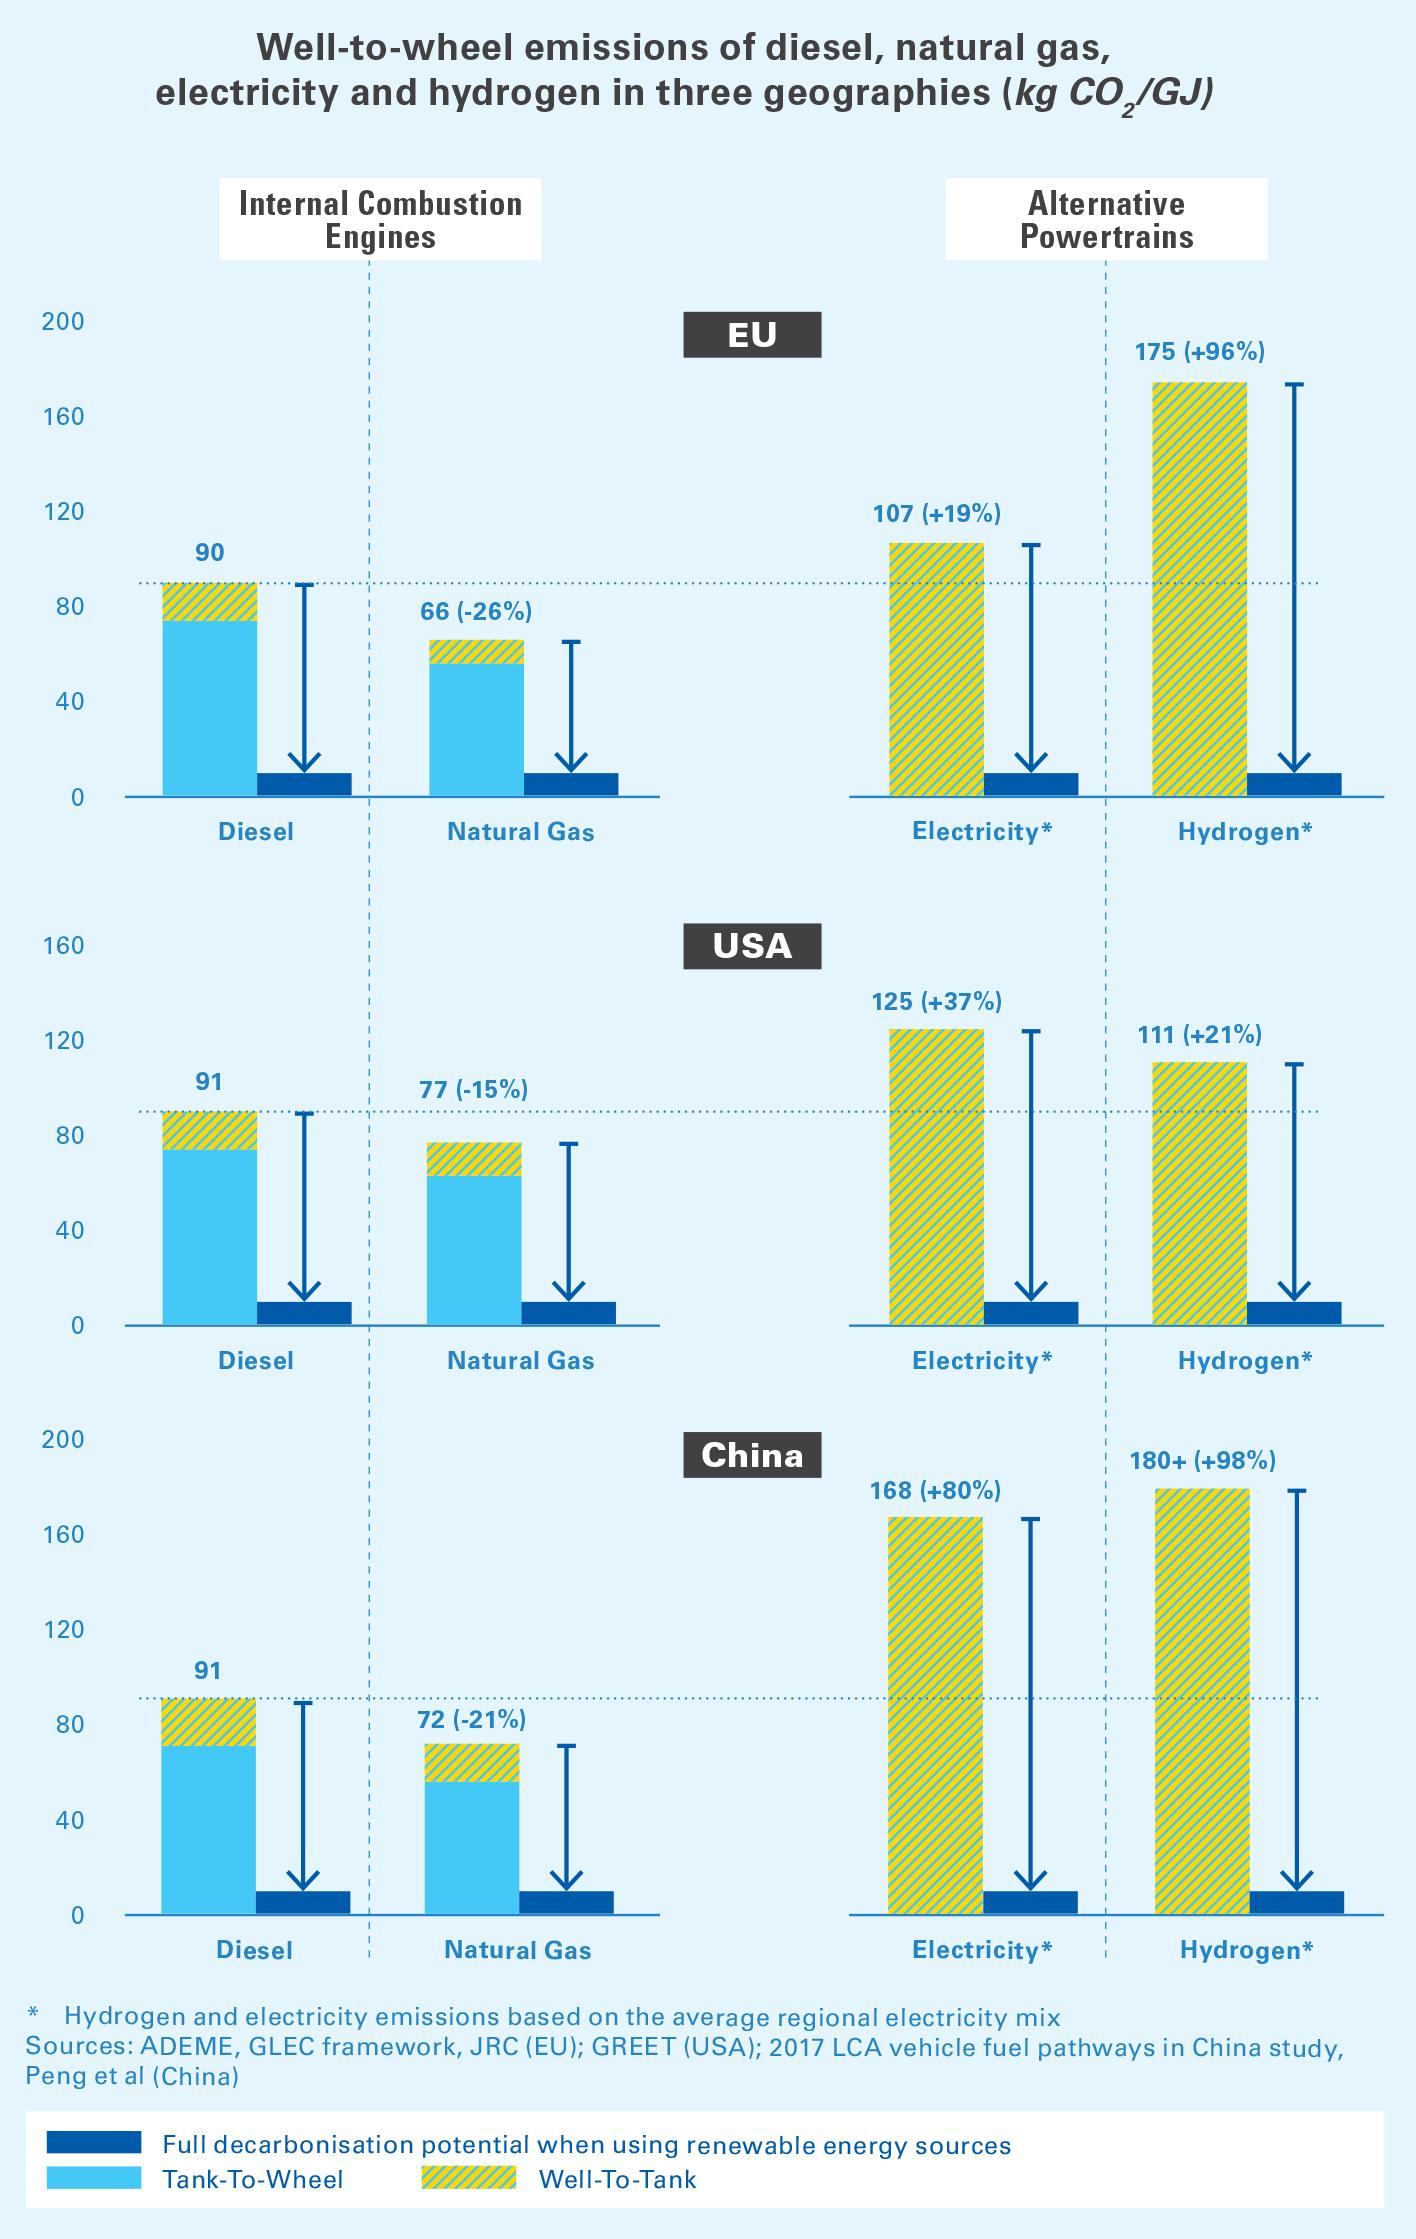 Emisiones de pozo a rueda de diésel, gas natural, electricidad e hidrógeno en tres geografías